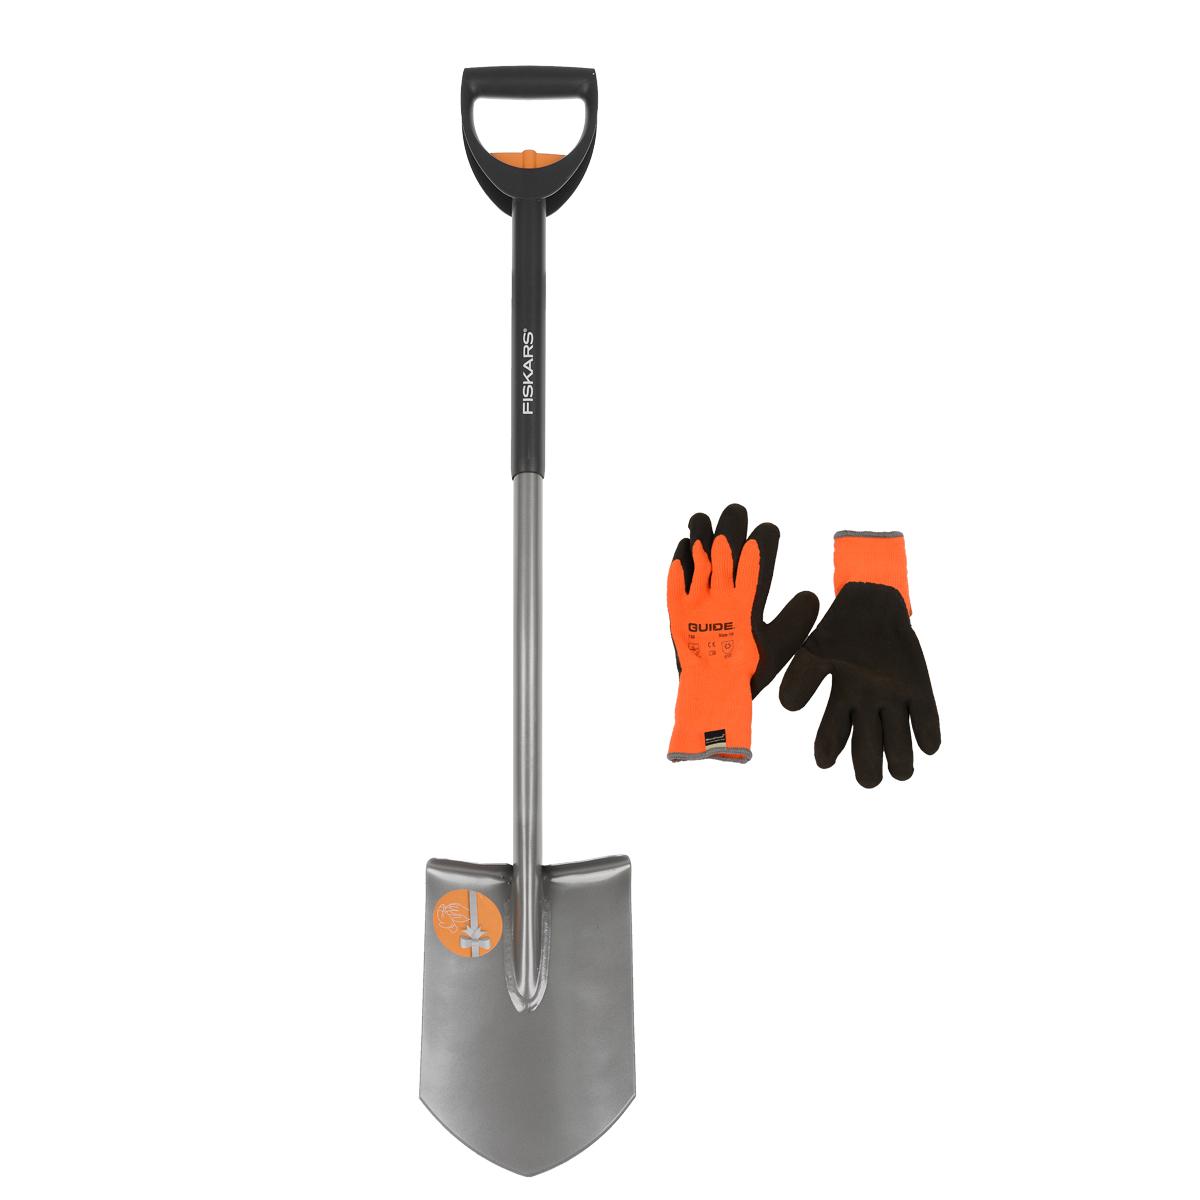 Лопата штыковая Fiskars с телескопическим черенком + ПОДАРОК: перчатки Guide131306Данная лопата предназначена для работы с каменистой и глинистой почвой. Подходит для рытья траншей.Особенности лопаты: Закругленная ручка, изготовленная из специального пластика, прослужит долгое время даже при сильном нажиме. Прочная рукоять изготовлена из нержавеющей стали. Заточенное лезвие справляется с грунтом практически любой твердости. Удобное расположение лезвия по отношению к черенку сделает работу легкой для человека с любой физической подготовкой. Черенок надежно приварен к рукоятке. Пригодится при приготовлении строительных и удобрительных смесей. Лезвие долго остается острым. Угол изгиба черенка способствует удобному захвату и не напрягает кисть руки. Регулируемая длина черенка дает возможность для работы людям разного роста.В комплекте с лопатой идут в подарок перчатки Guide размер 10. Для повышения гибкости в применении эти перчатки короче стандартной длины. Это обеспечивает удобство в сборке и выполнении более простых задач. Характеристики: Материал: металл, пластик. Длина лопаты: 105-125 см. Размер упаковки: 116 см х 20 см х 10 см.